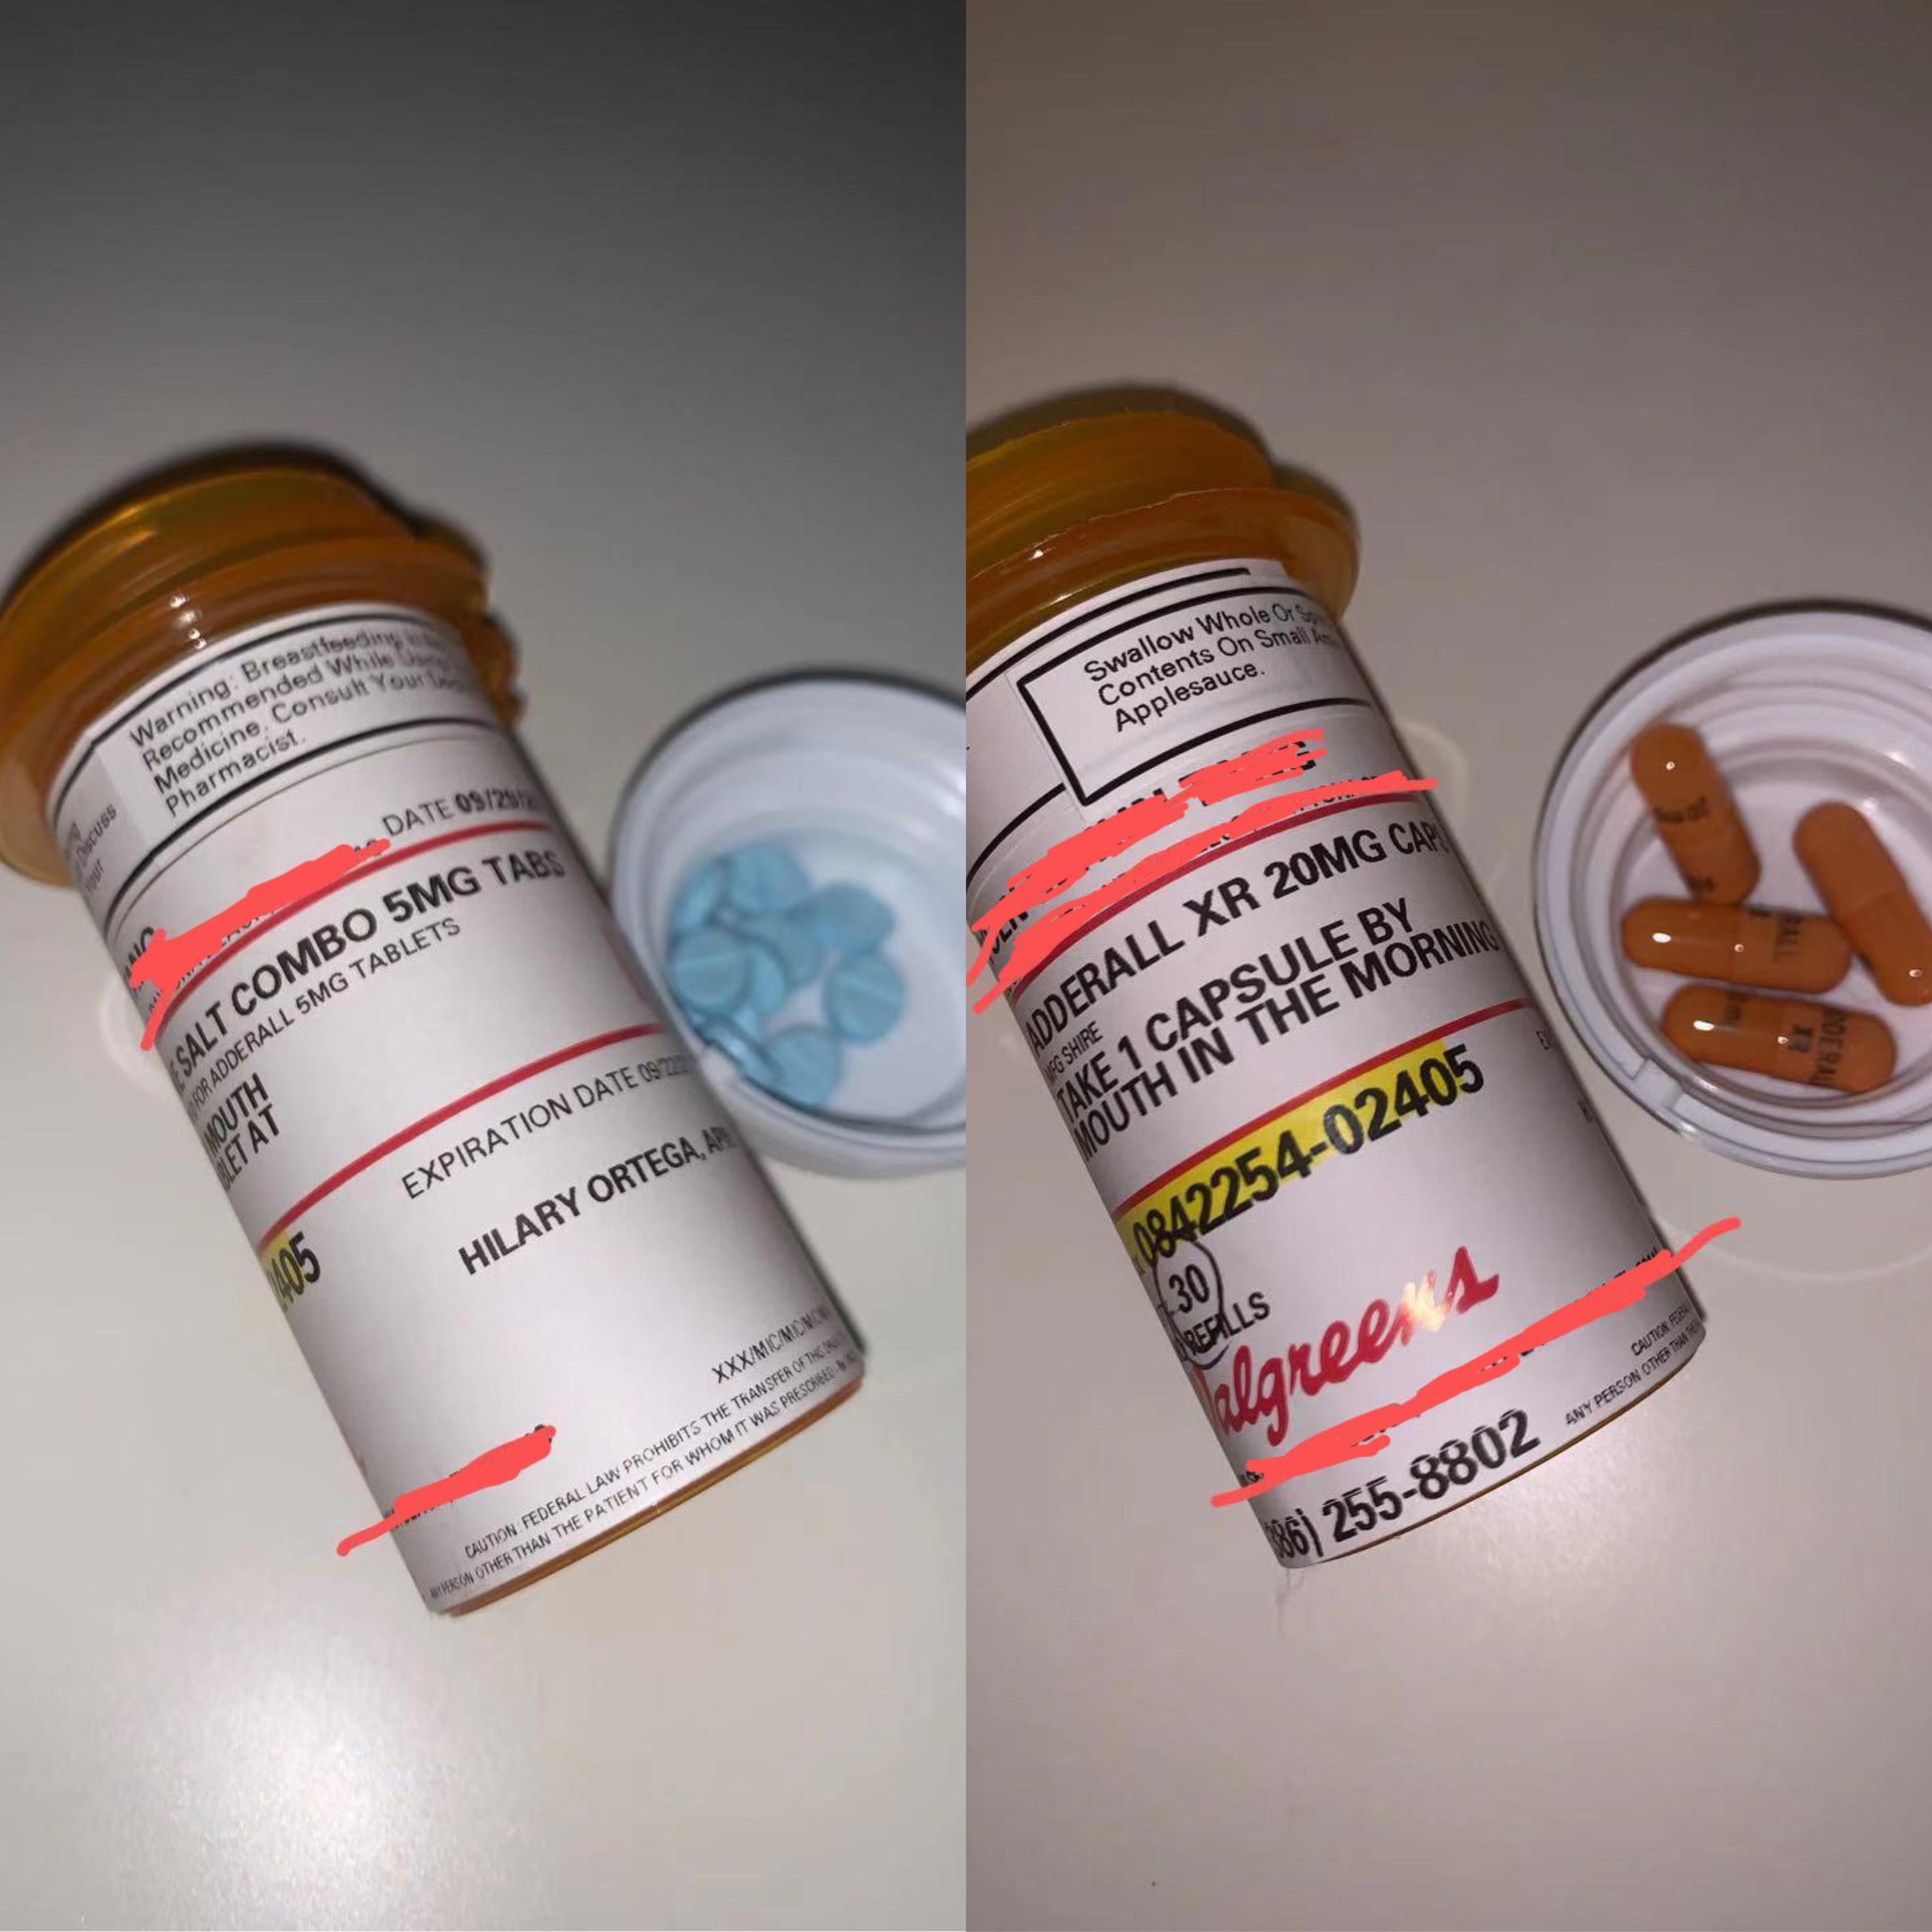 左为阿德拉速效5mg,右为20mg,在美国阿德拉同为管制药物,用量严格控制。